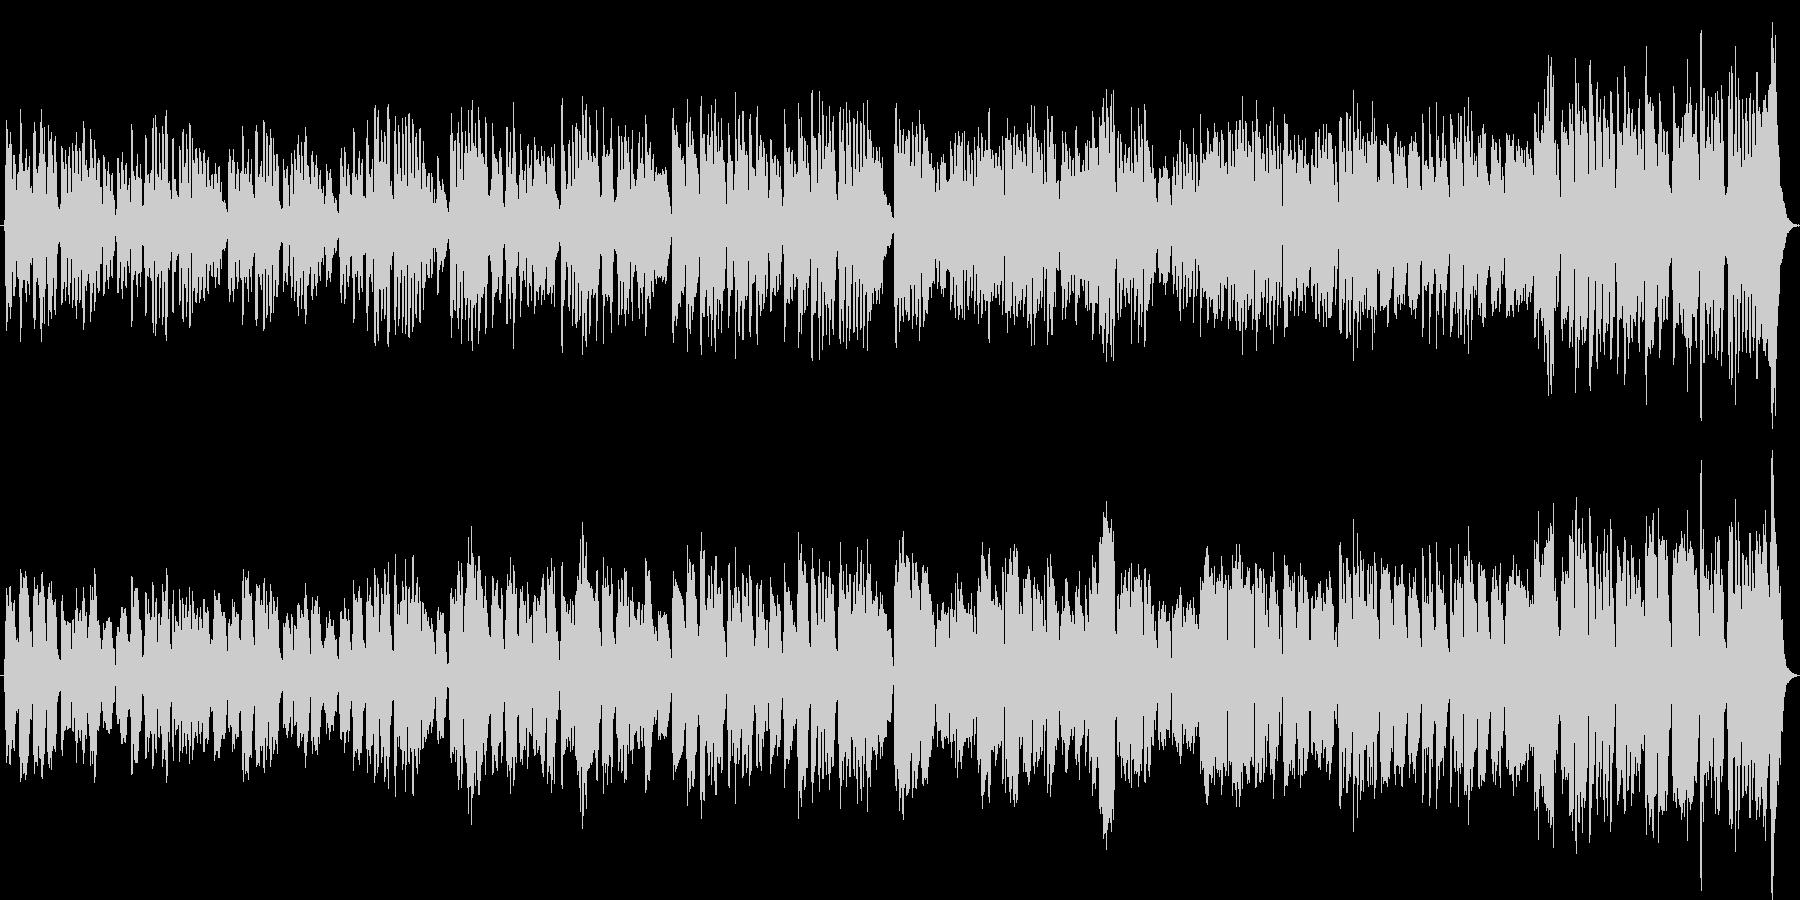 木管四重奏オリジナルバロック曲英国庭園風の未再生の波形